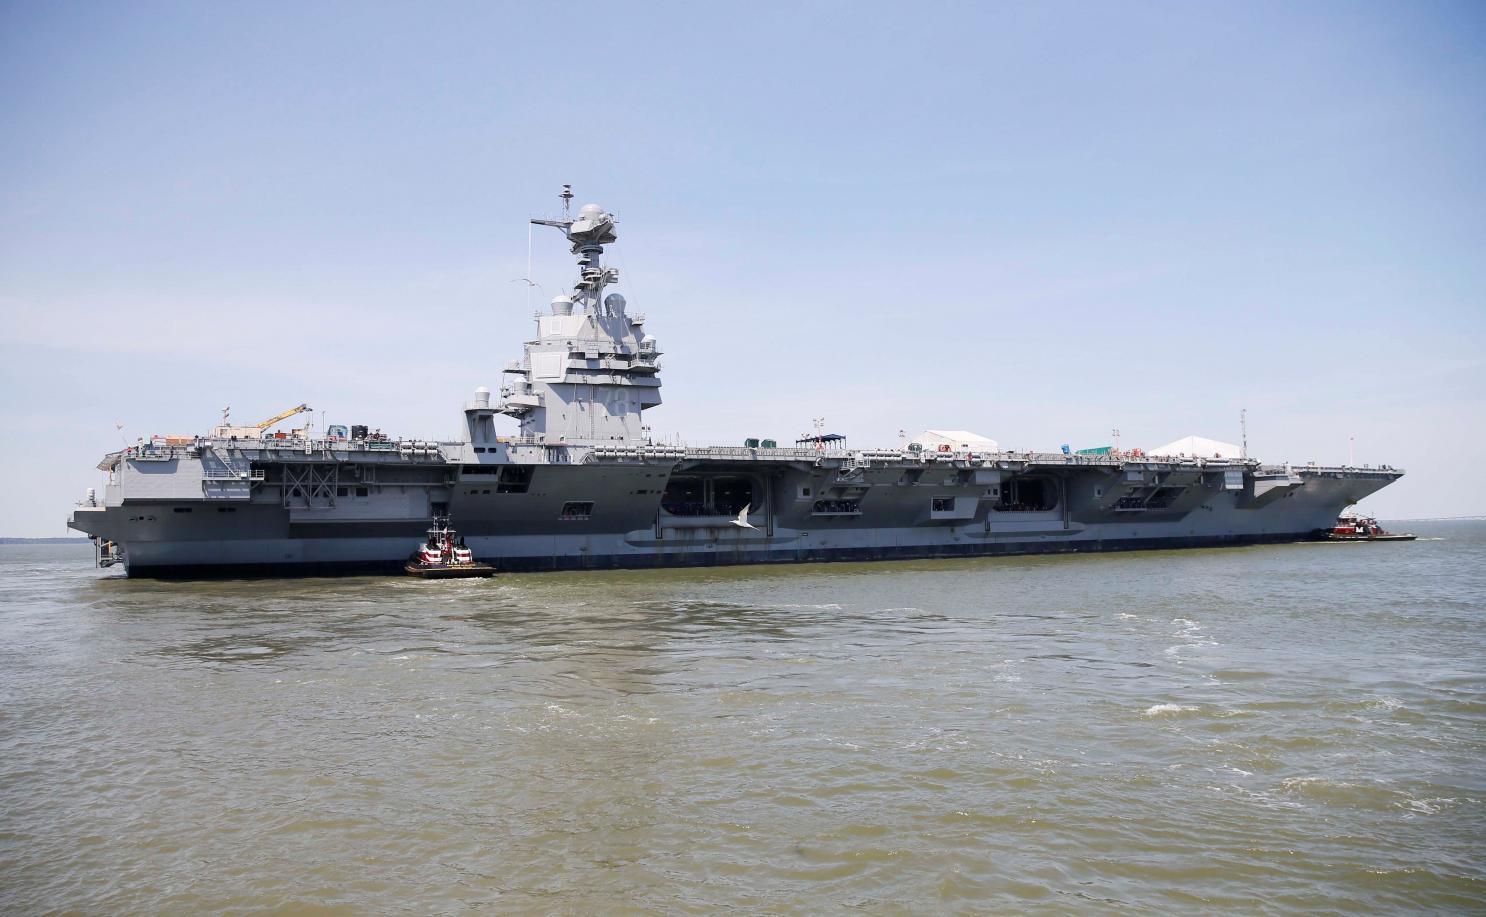 美媒:美航母战备陷入最低谷 中俄趁机强化海军截图